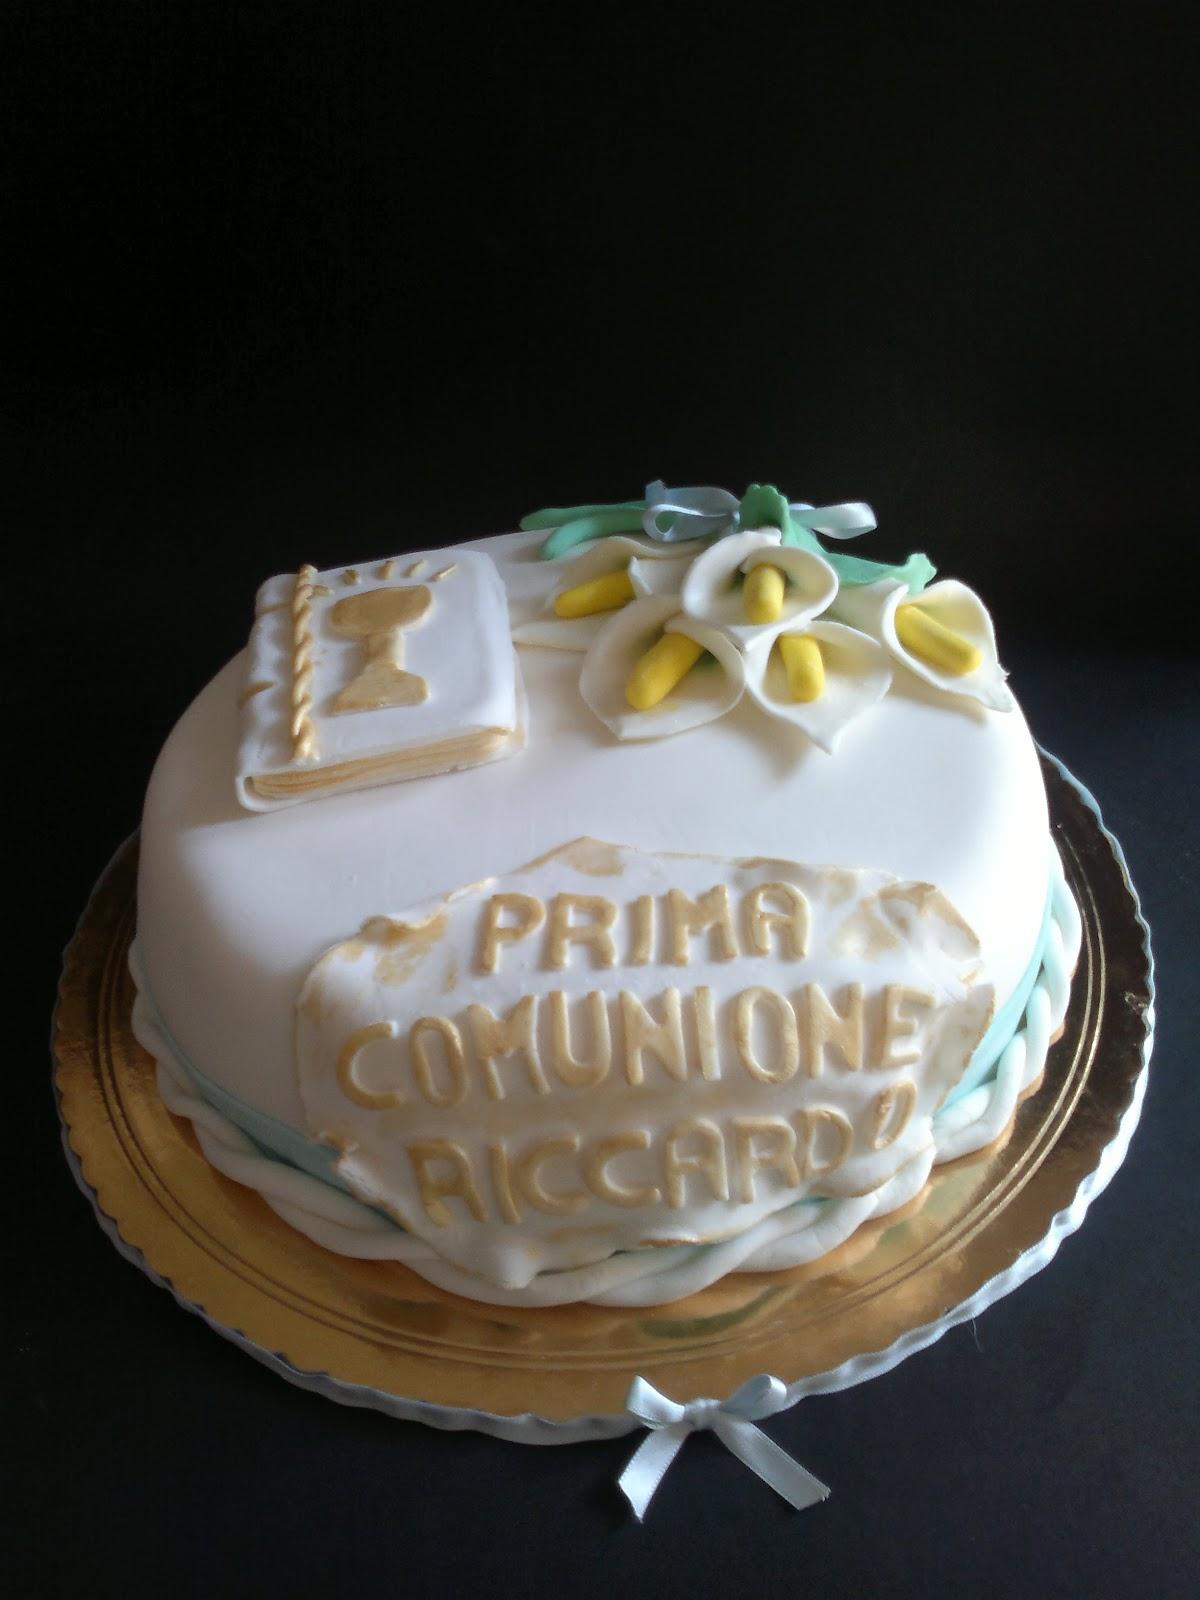 Prima Comunione Foto Royalty Free Immagini Immagini E | apexwallpapers ...